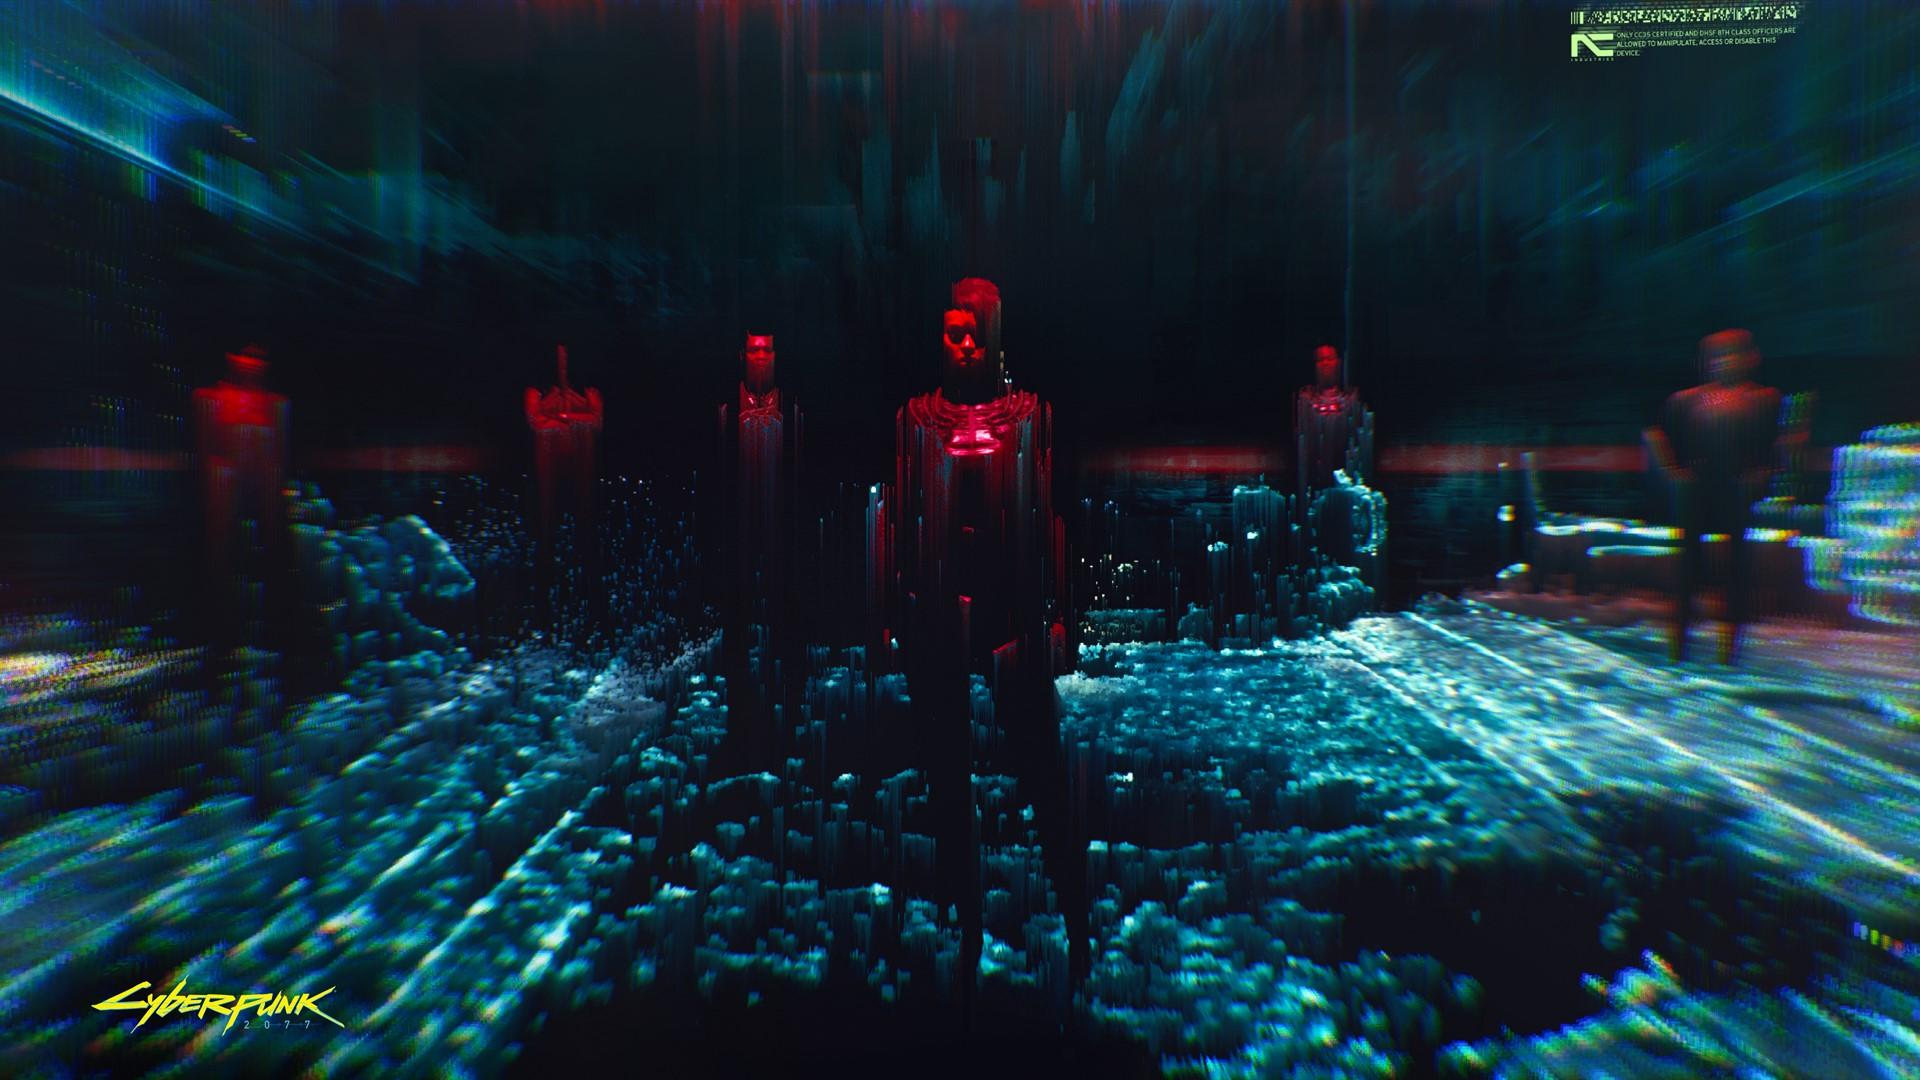 《赛博朋克2077》玩家能追求夜之城野外 趁便望风景